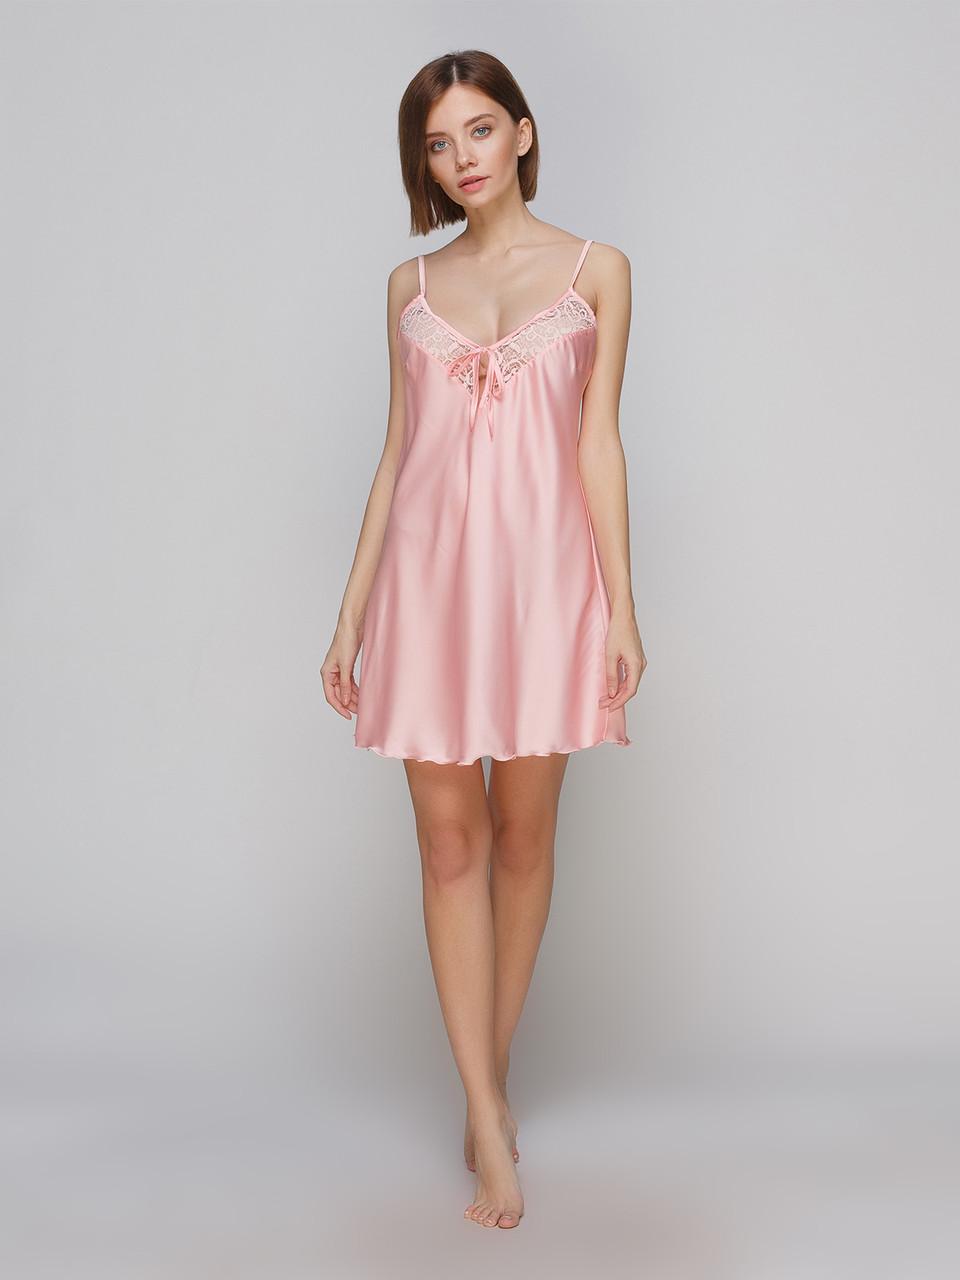 Сорочка Serenade из шелка Армани с нежным кружевом персиковая